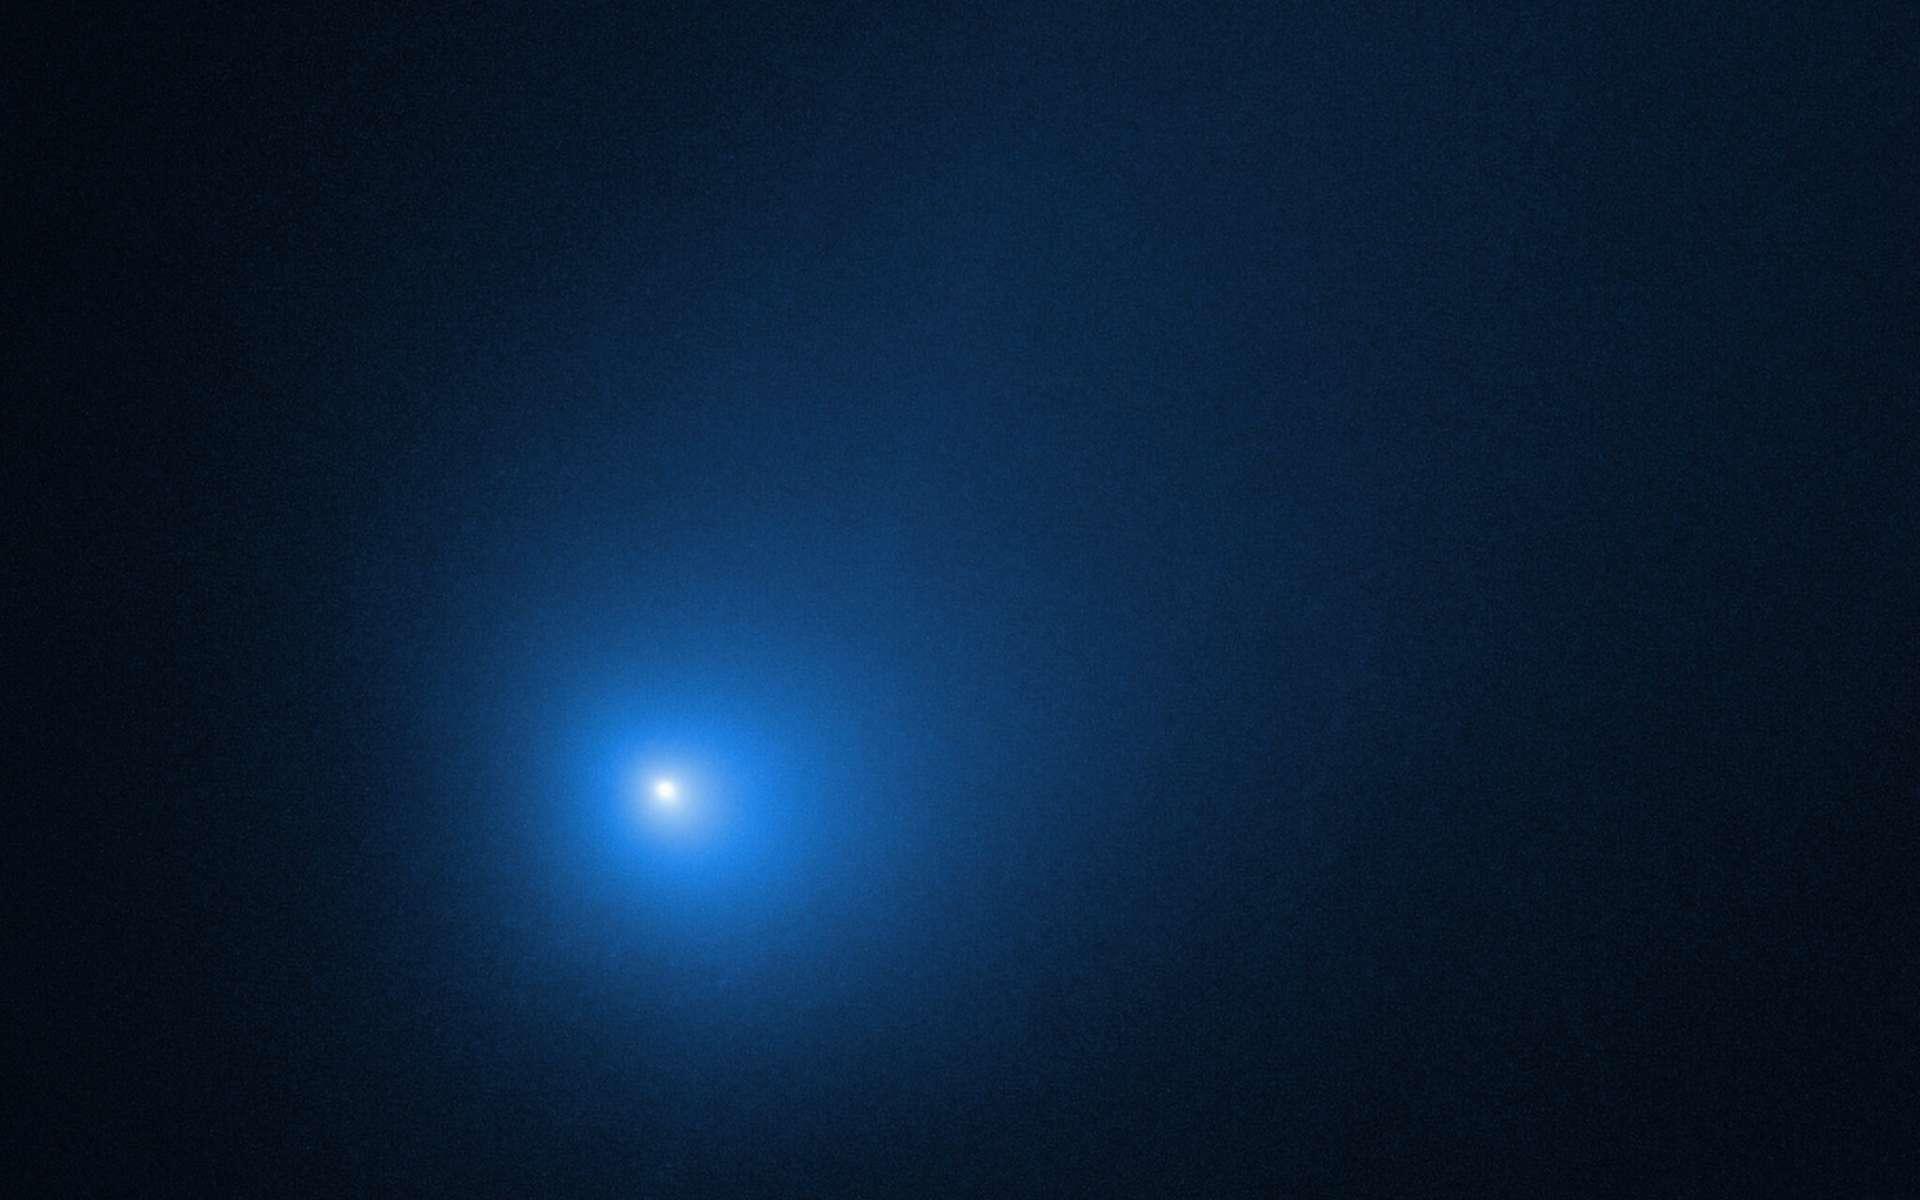 2I/Borisov photographiée par Hubble début décembre 2019 au moment du périhélie. © Nasa, ESA, D. Jewitt (Ucla)